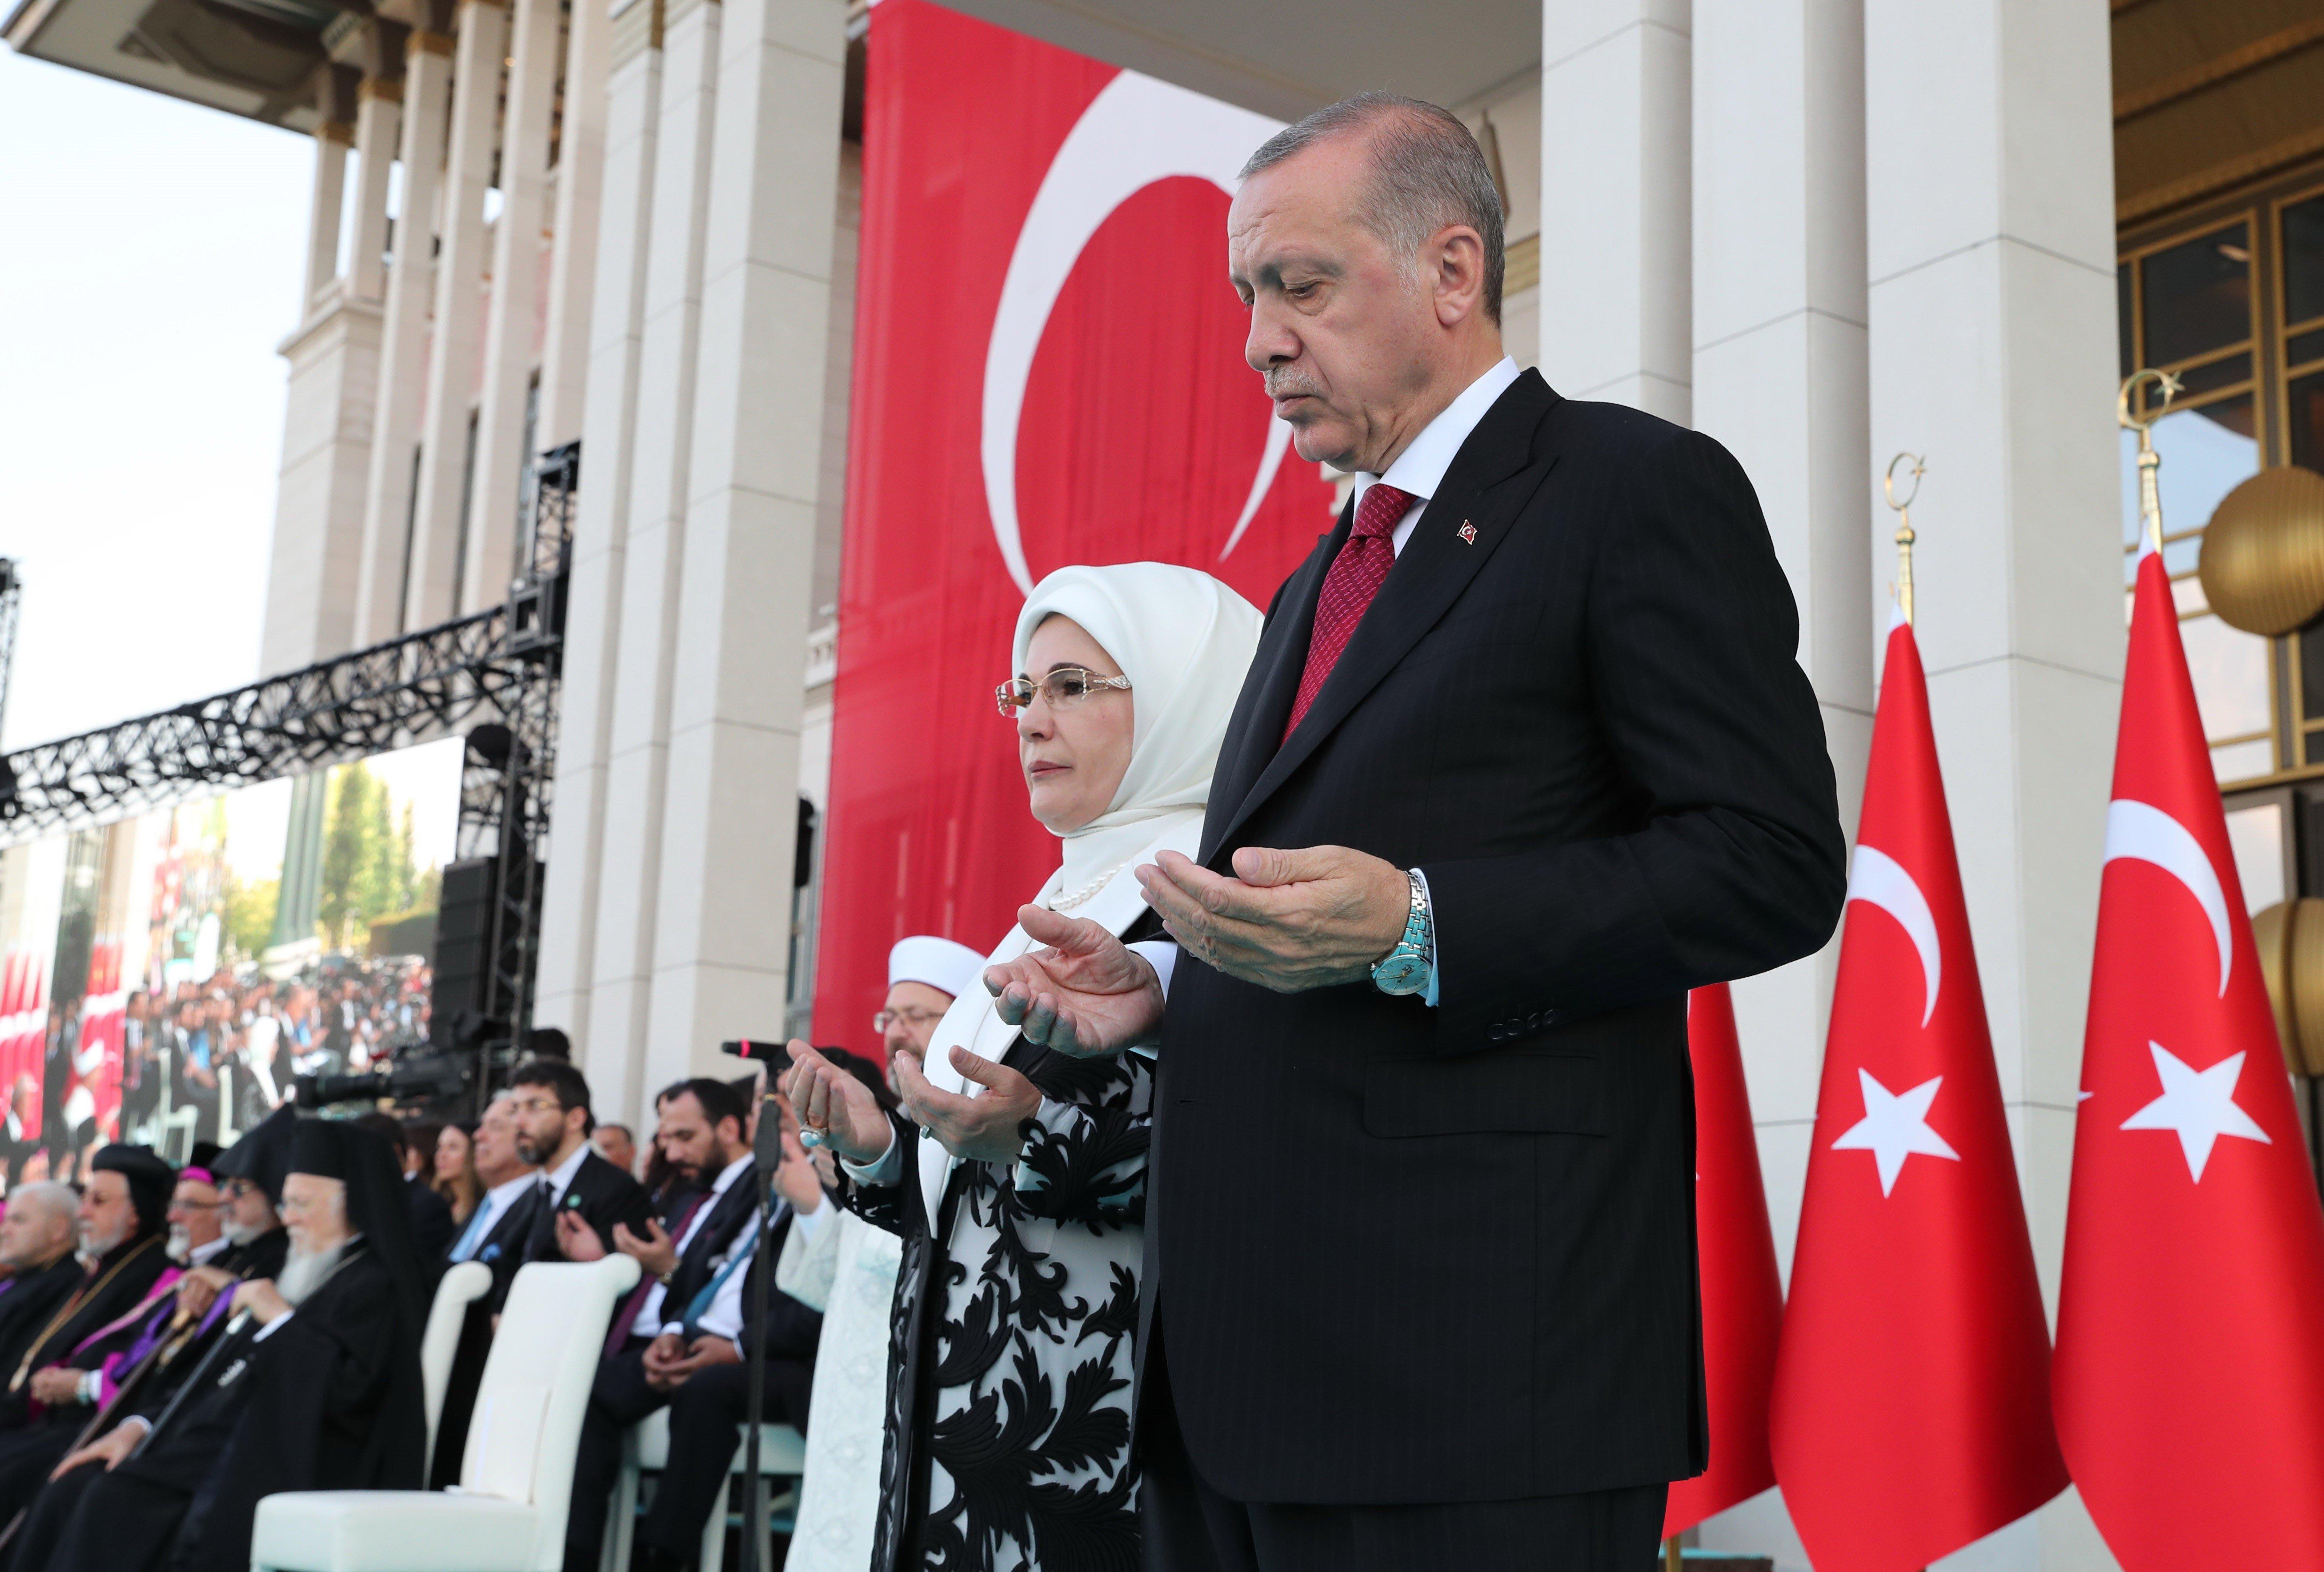 Δυο χρόνια μετά το πραξικόπημα η Τουρκία παραμένει σε κατάσταση έκτακτης